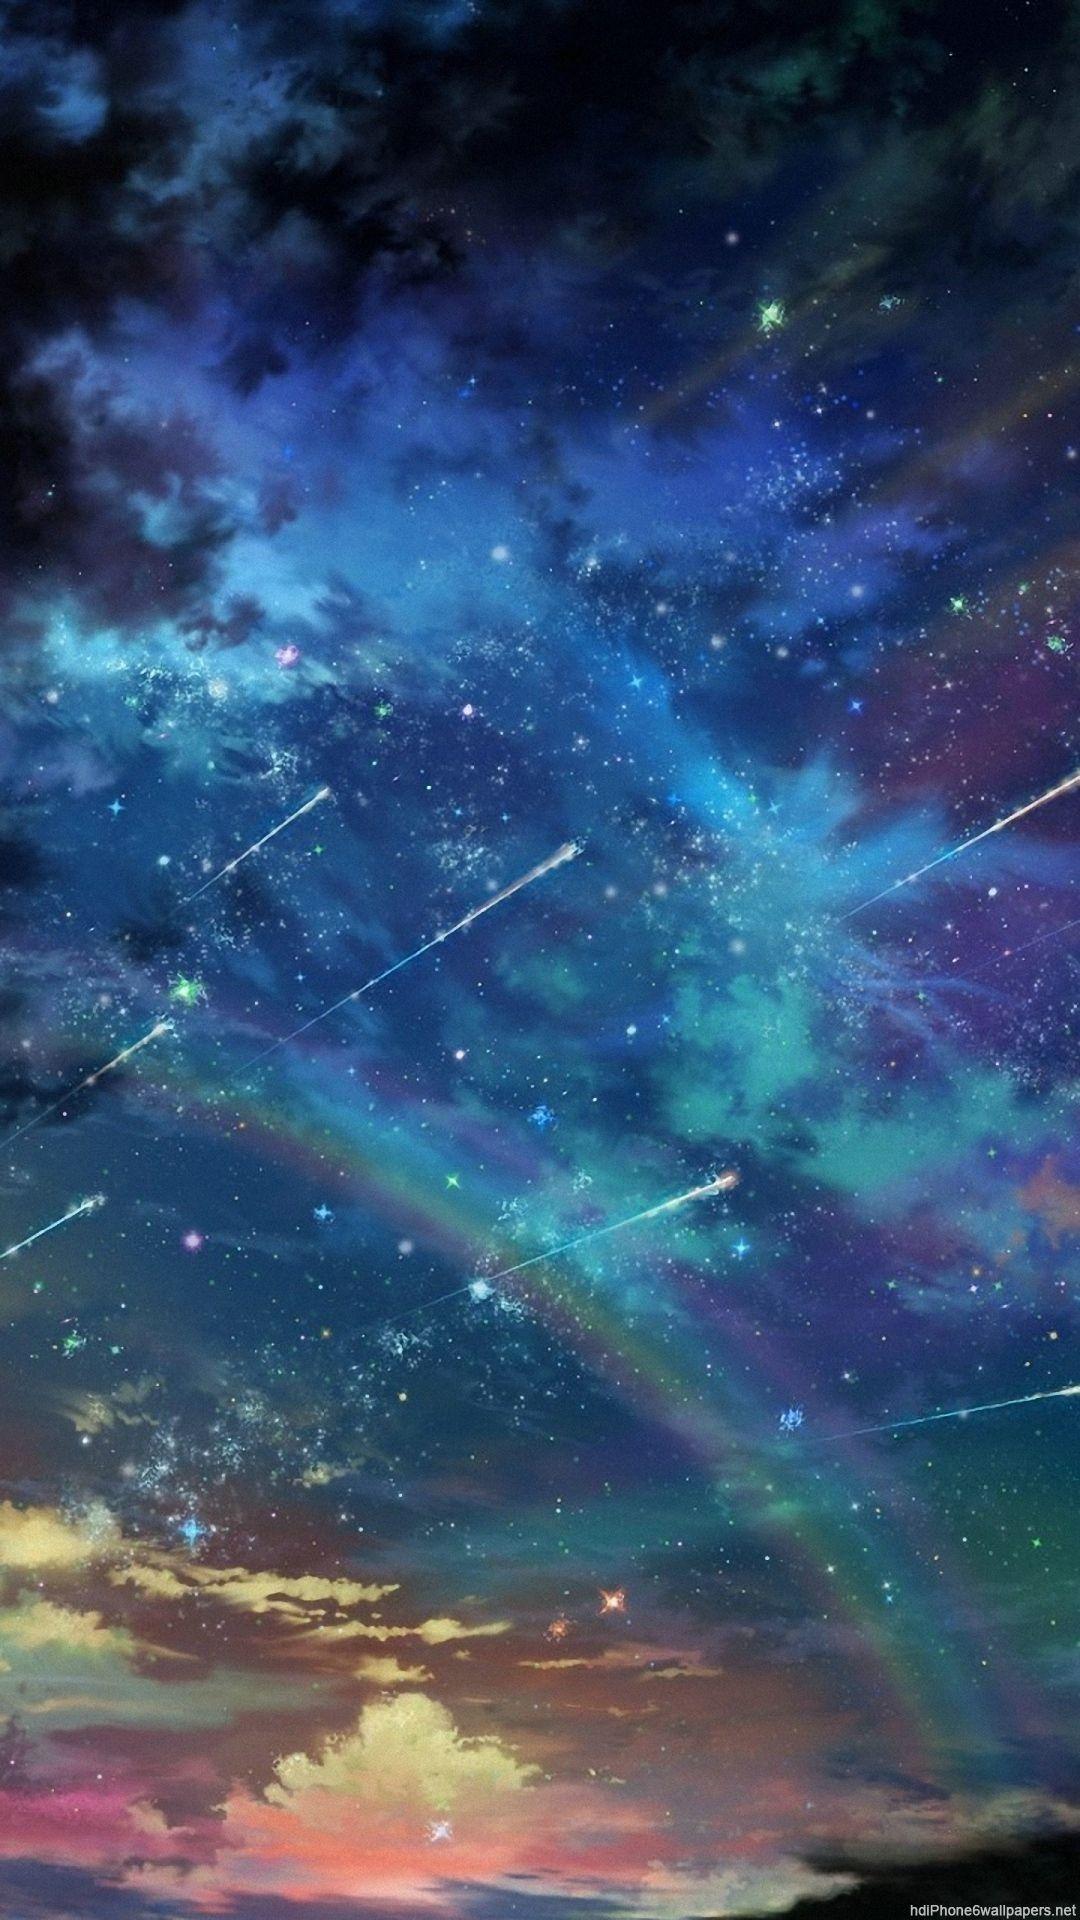 人気122位 幻想的な星空 画像あり 6s 壁紙 流れ星 イラスト 星